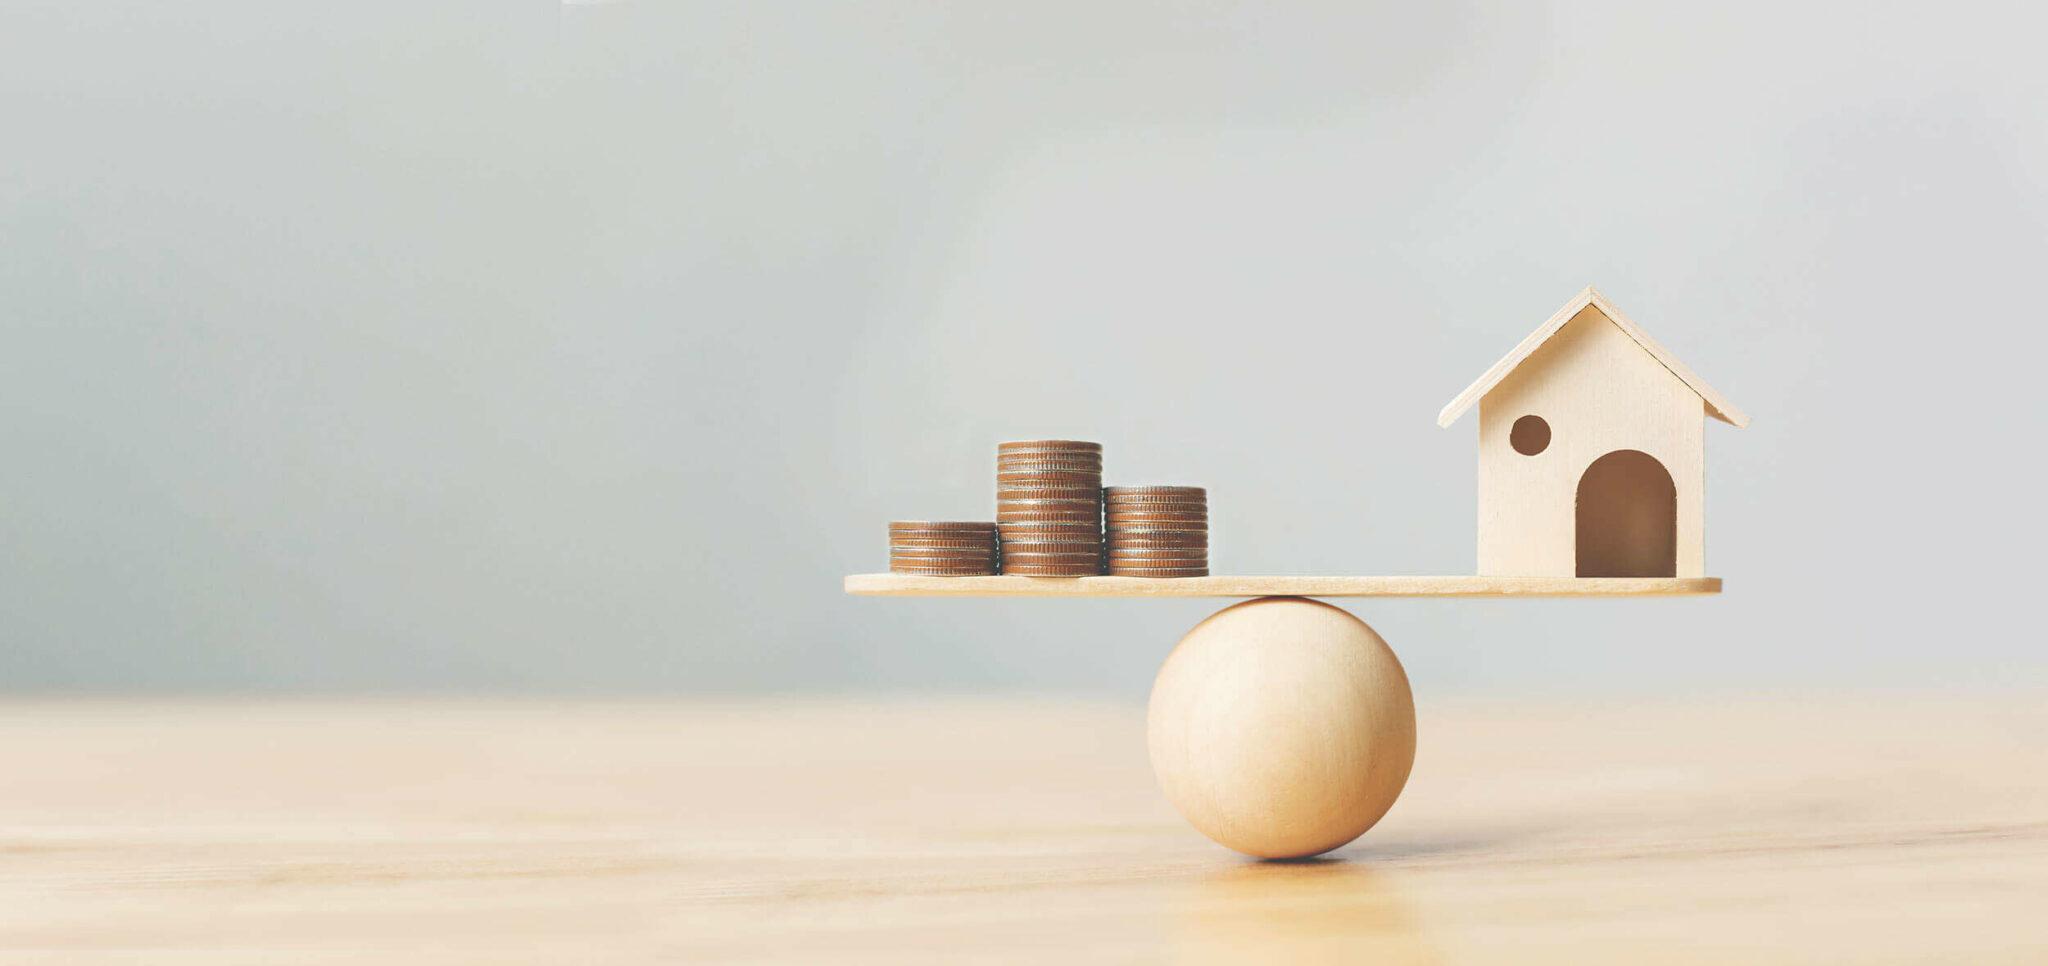 Paul Juul – Abwägung über den Verkauf einer Immobilie